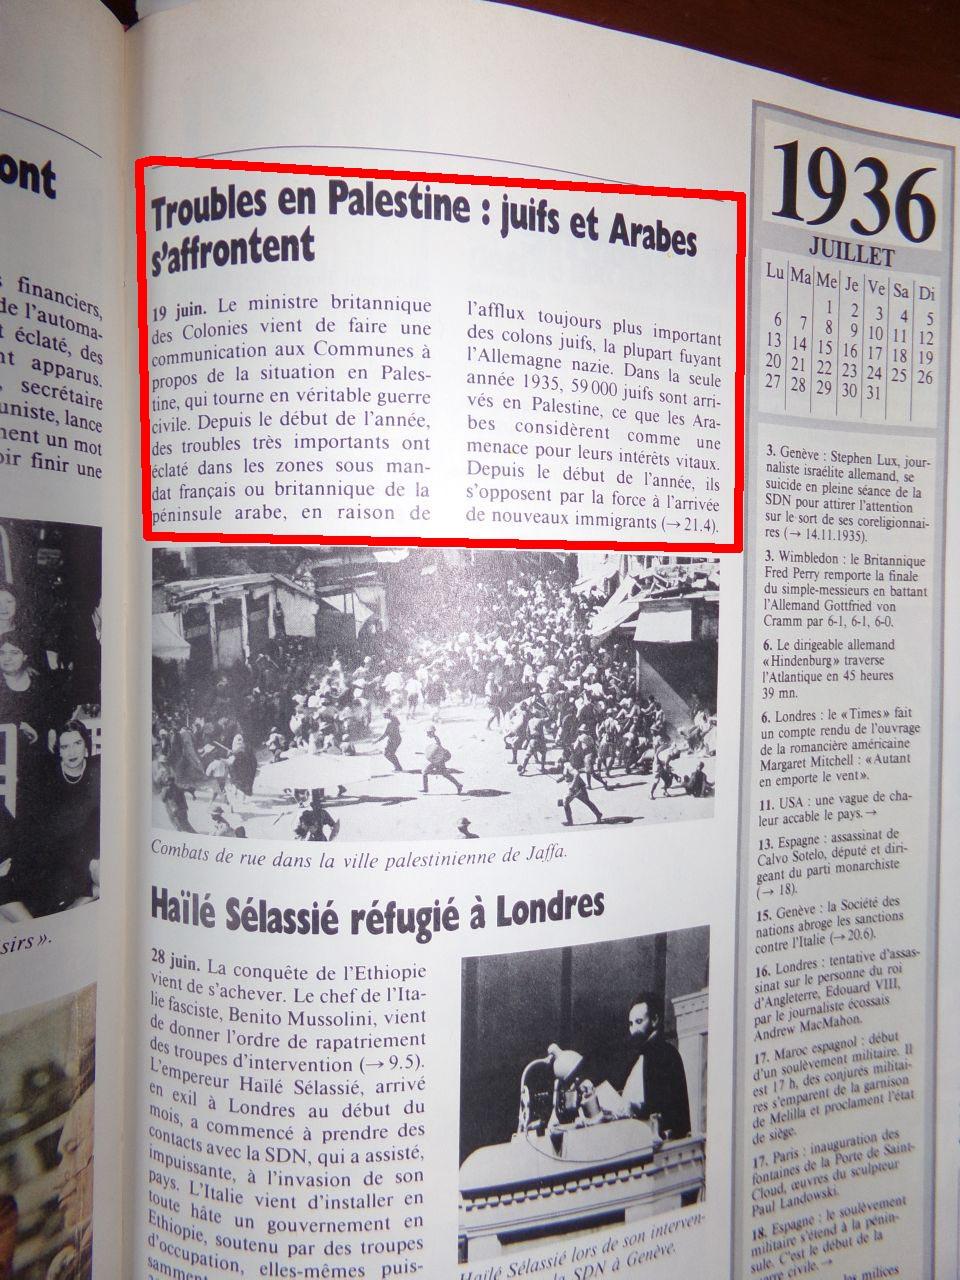 Un peu d'Histoire ...  L'origine de la création de l'état d'israël, 1947 ou 19° siècle ?  Chroniquedu20esiecle-14